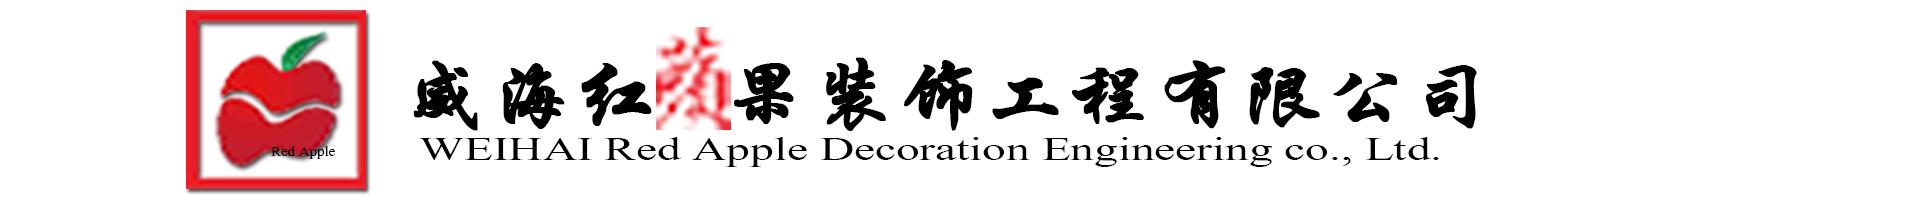 威海红苹果装饰工程有限公司